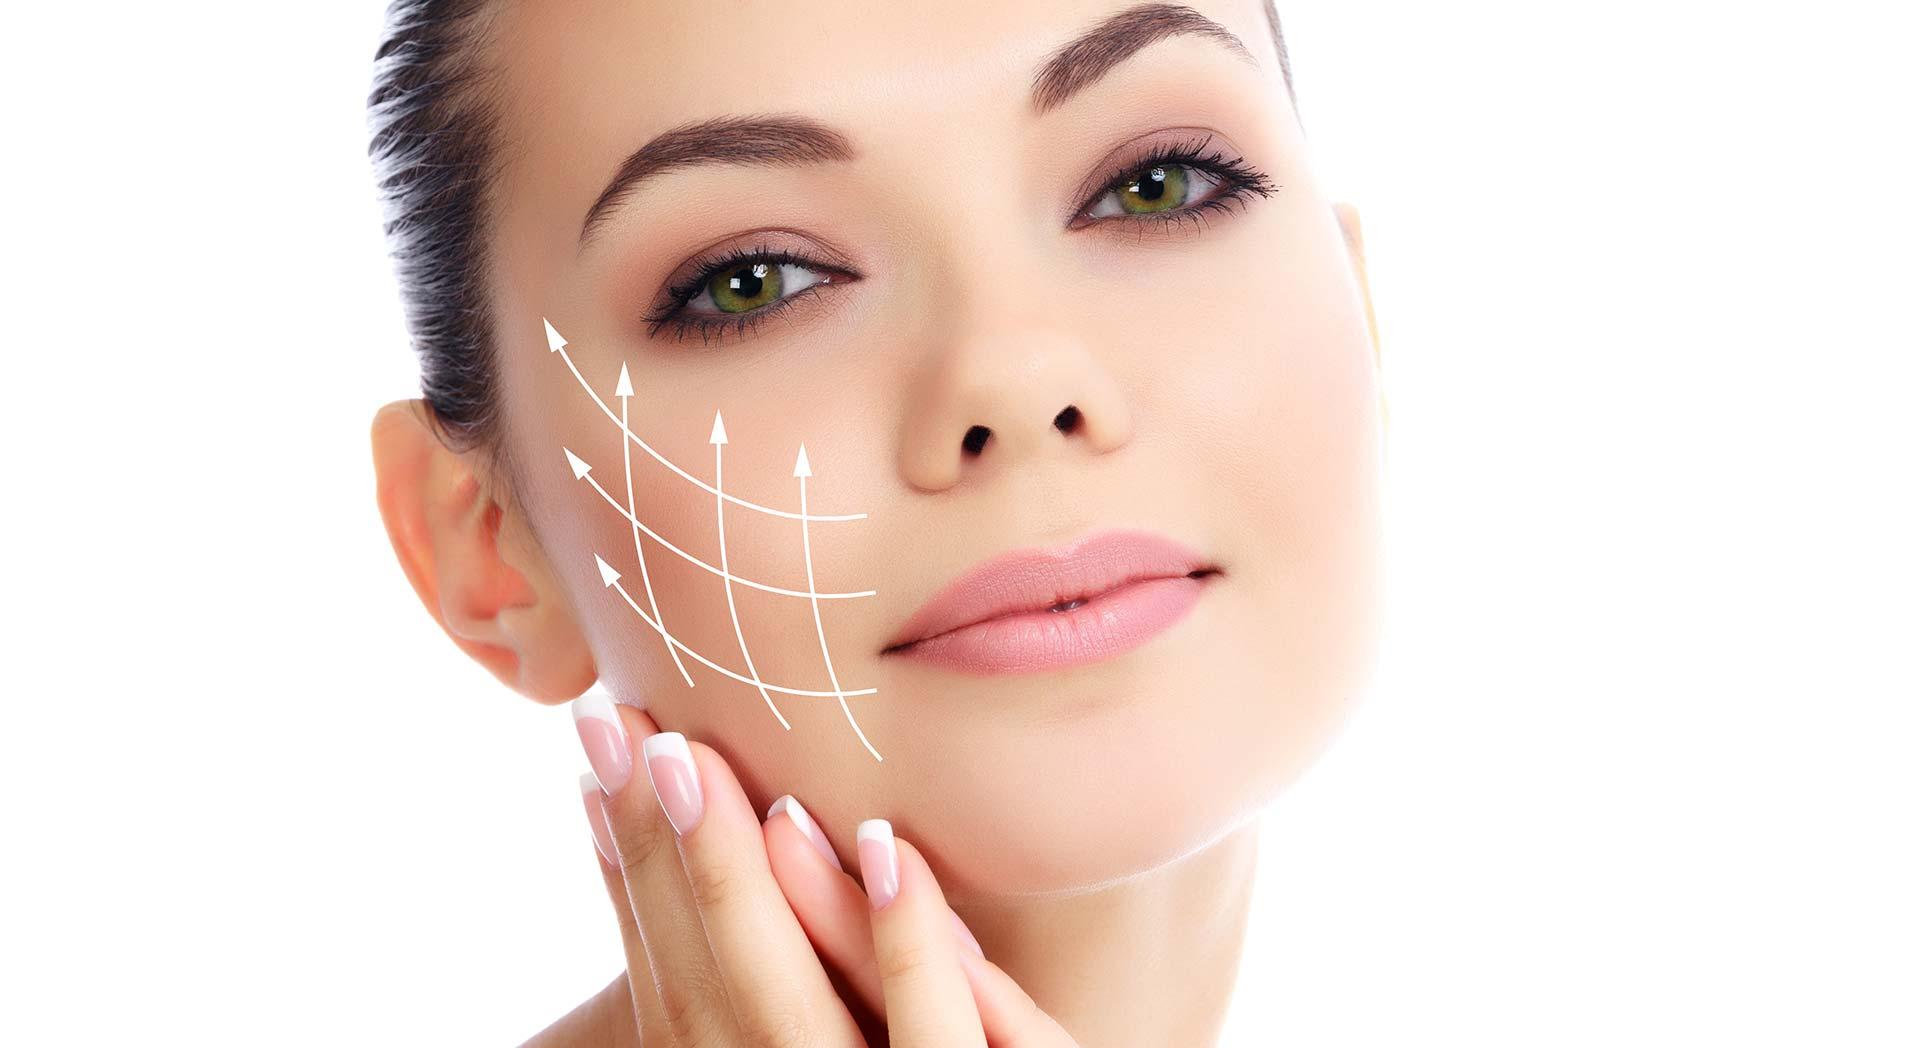 Calgary Cosmetic Botox | Facial Esthetics One